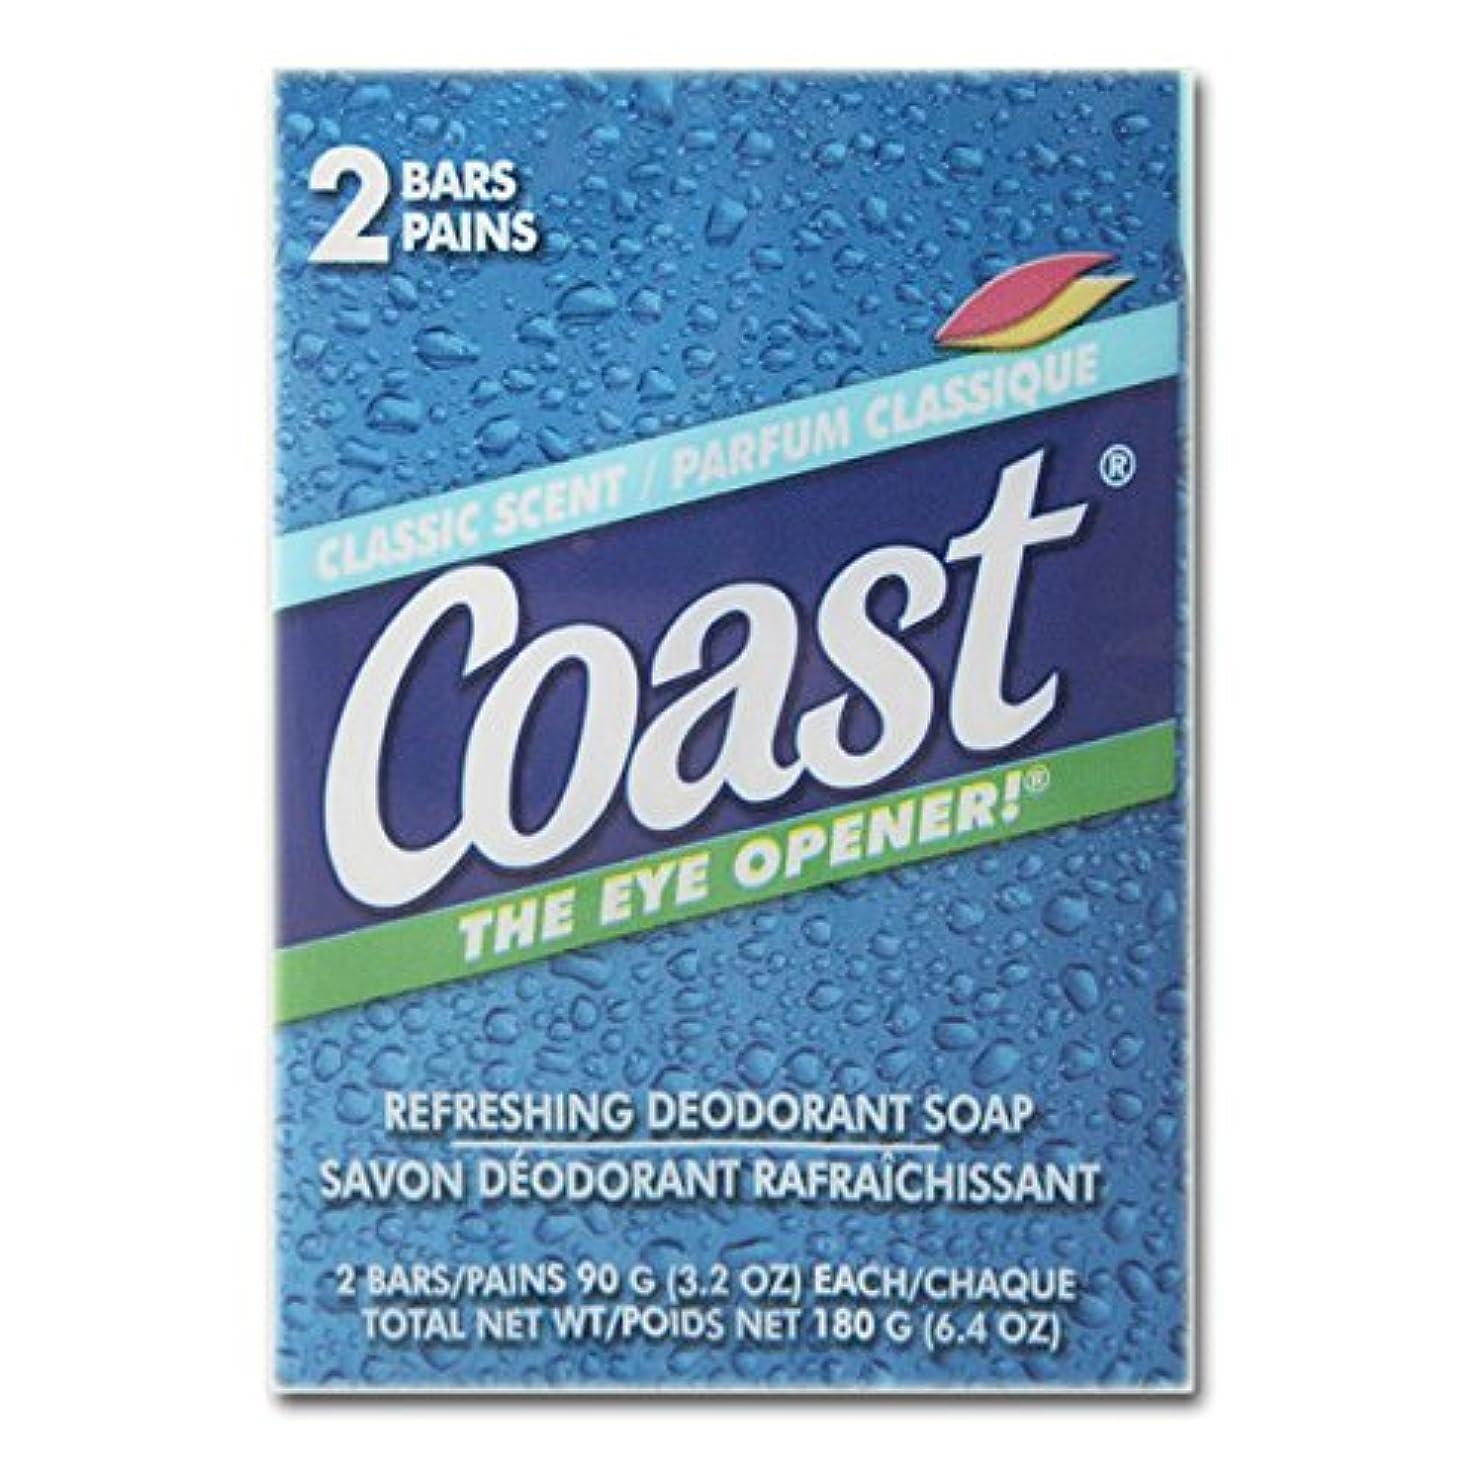 疑問を超えてインゲンデンマークコースト(Coast) 石けんパシフィックフォース2個入り×12パック(24個)